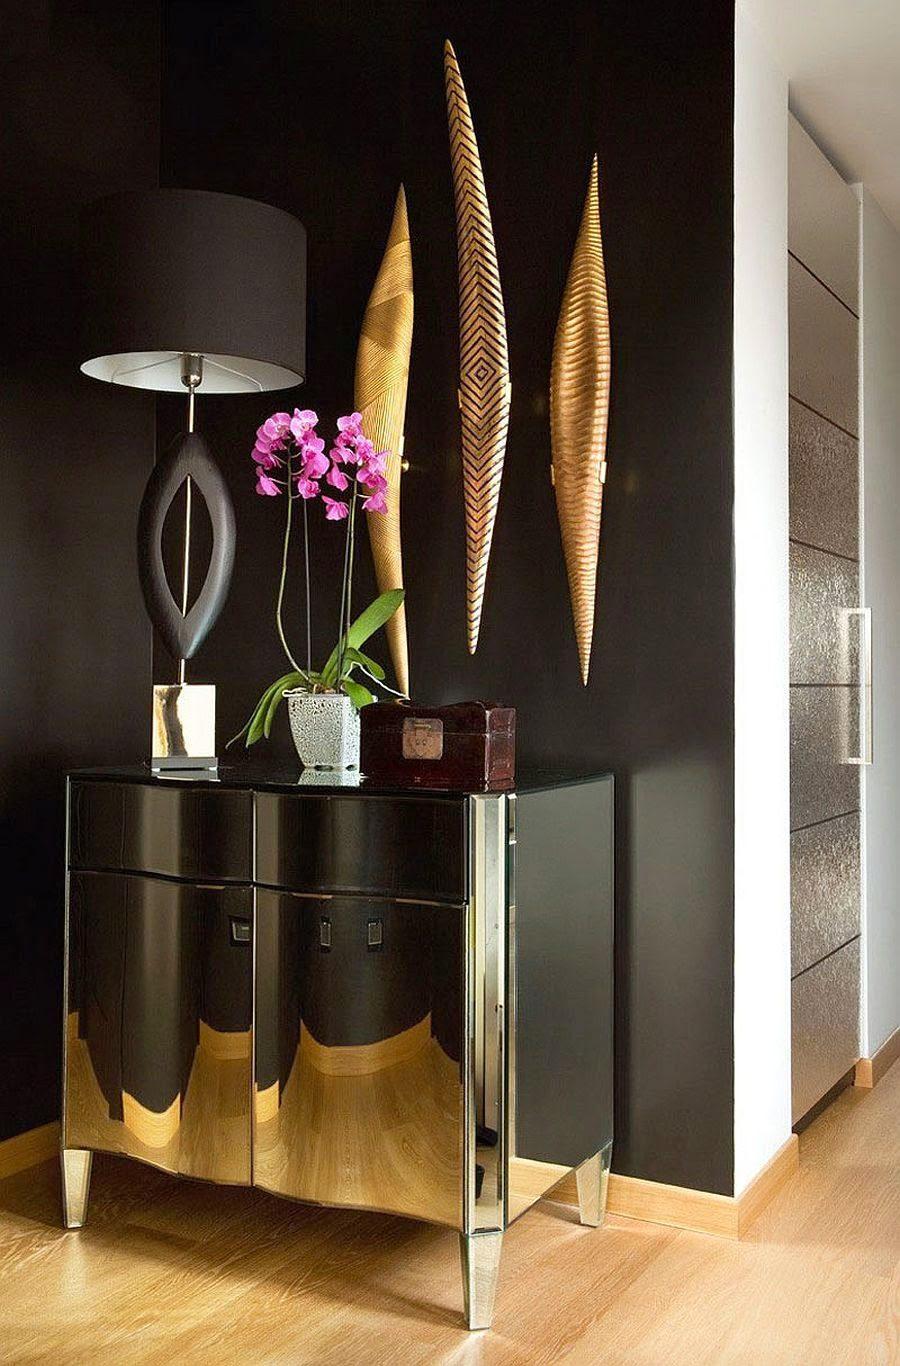 La Casa del Tempo residence by Claudia Pelizzari Interior Design